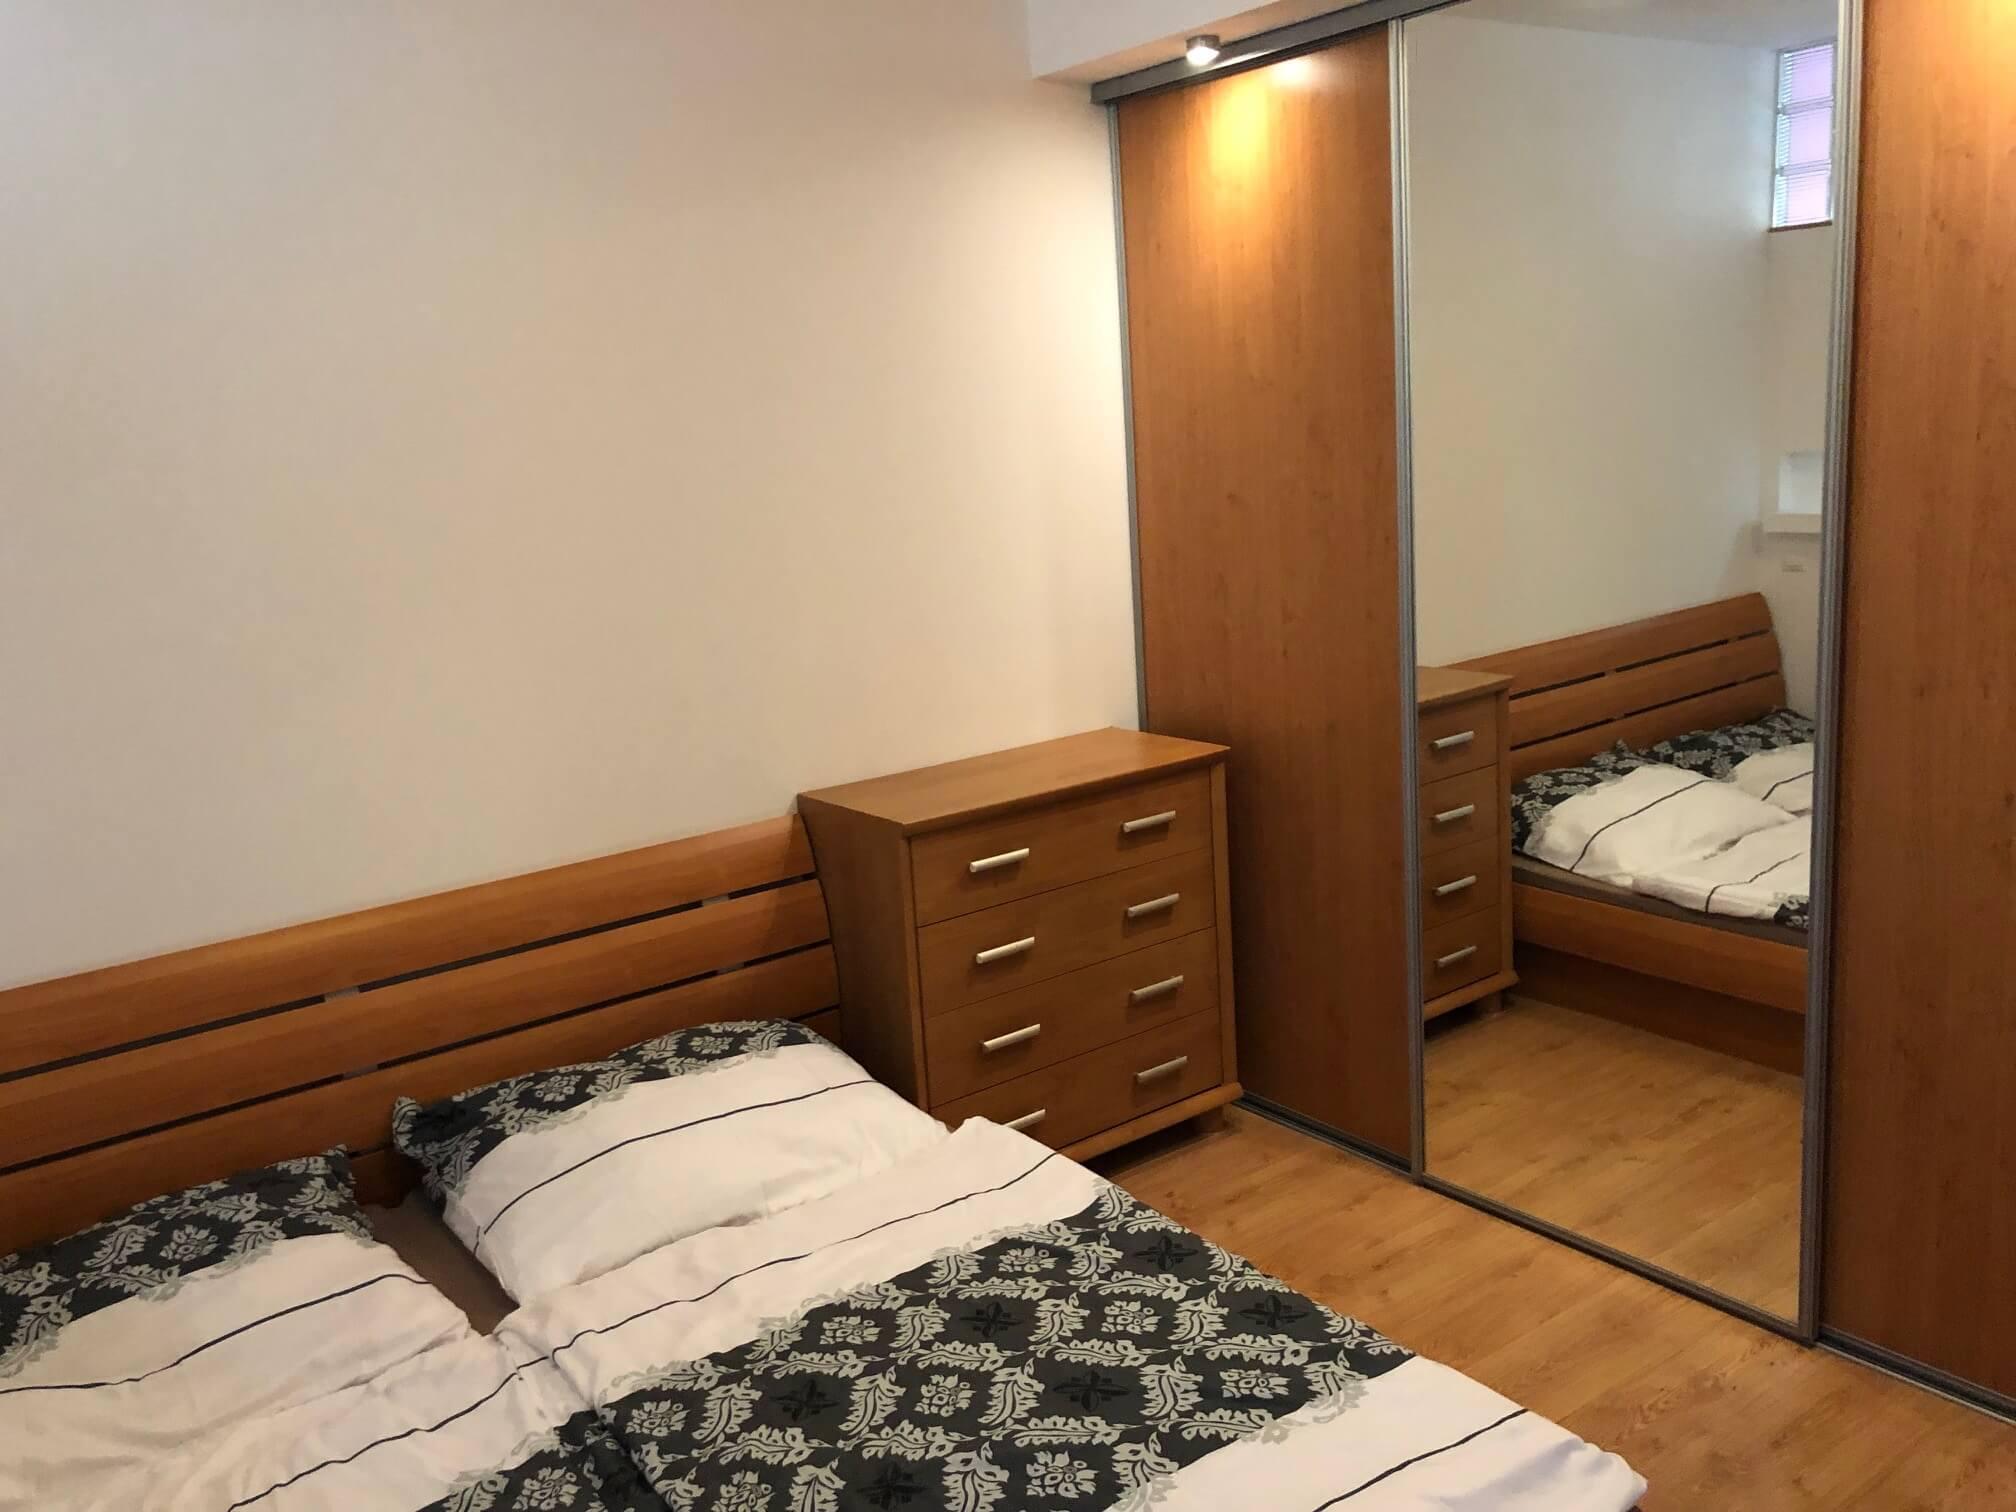 Predané: Exkluzívne na predaj 3 izb. byt, 72 m2, balkón 8 m2, parkovacie státie, Bratislava, Petržalka, Budatínska-35